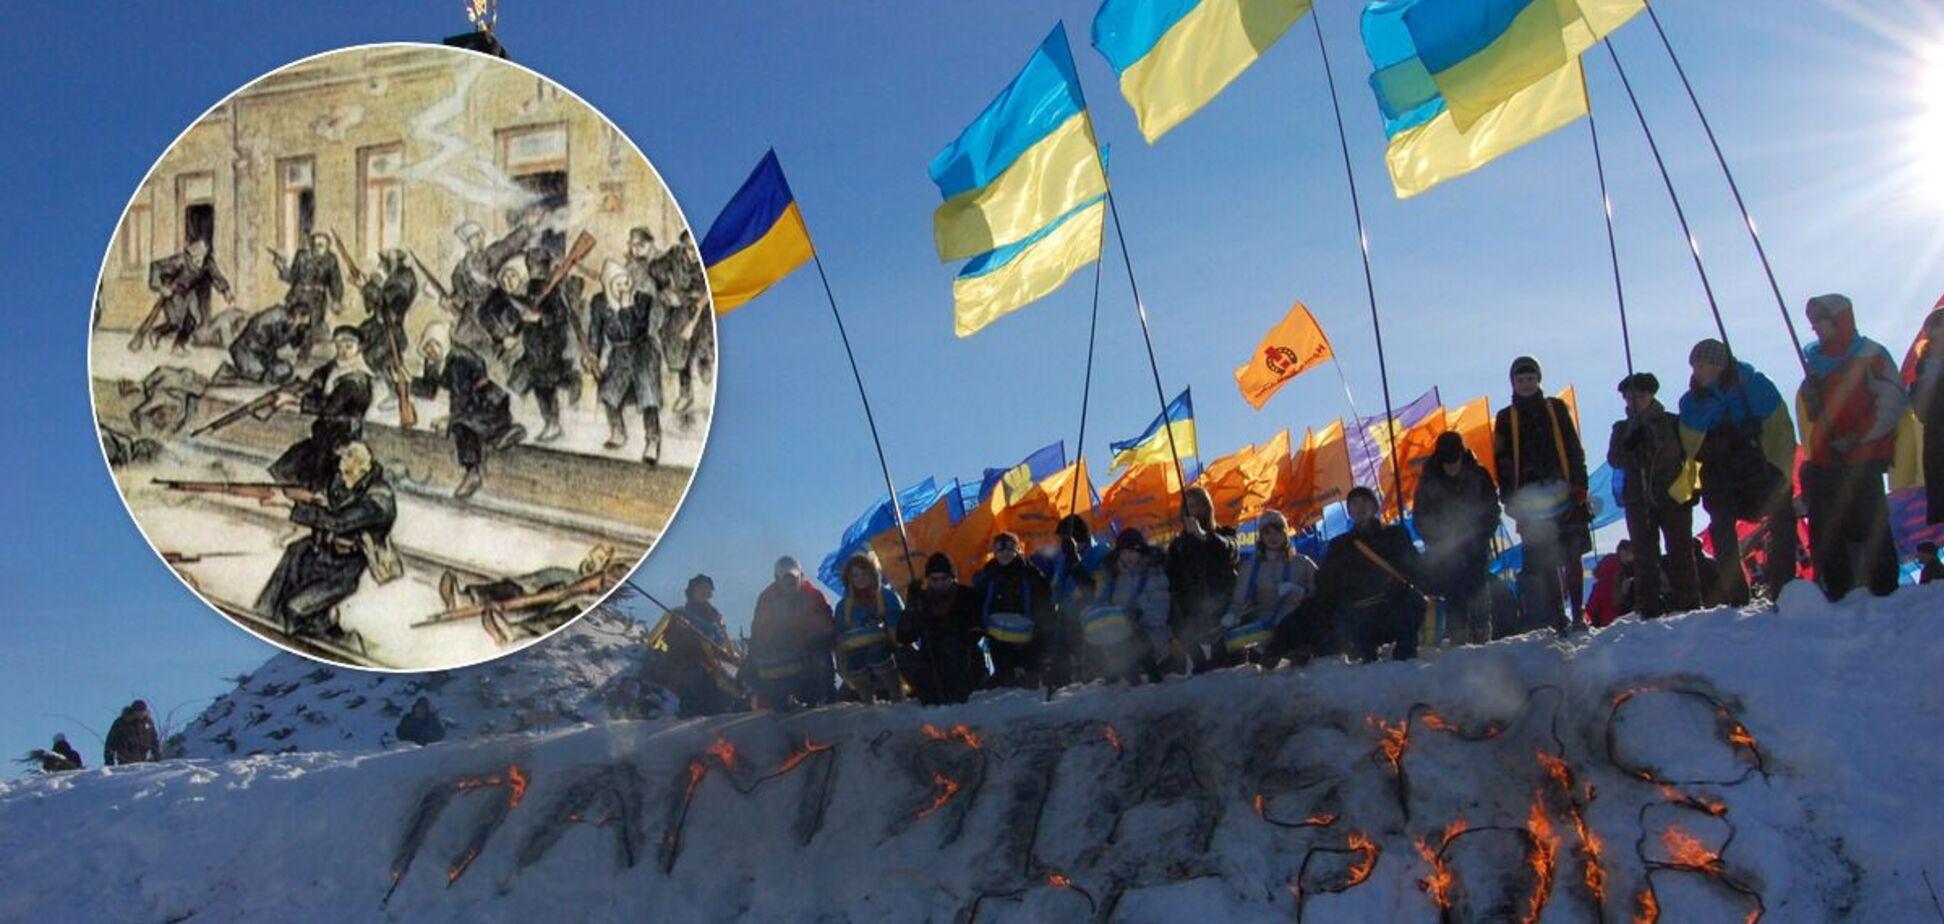 День пам'яті Героїв Крут: Україна вшановує 'перших кіборгів', які зупинили армію більшовиків